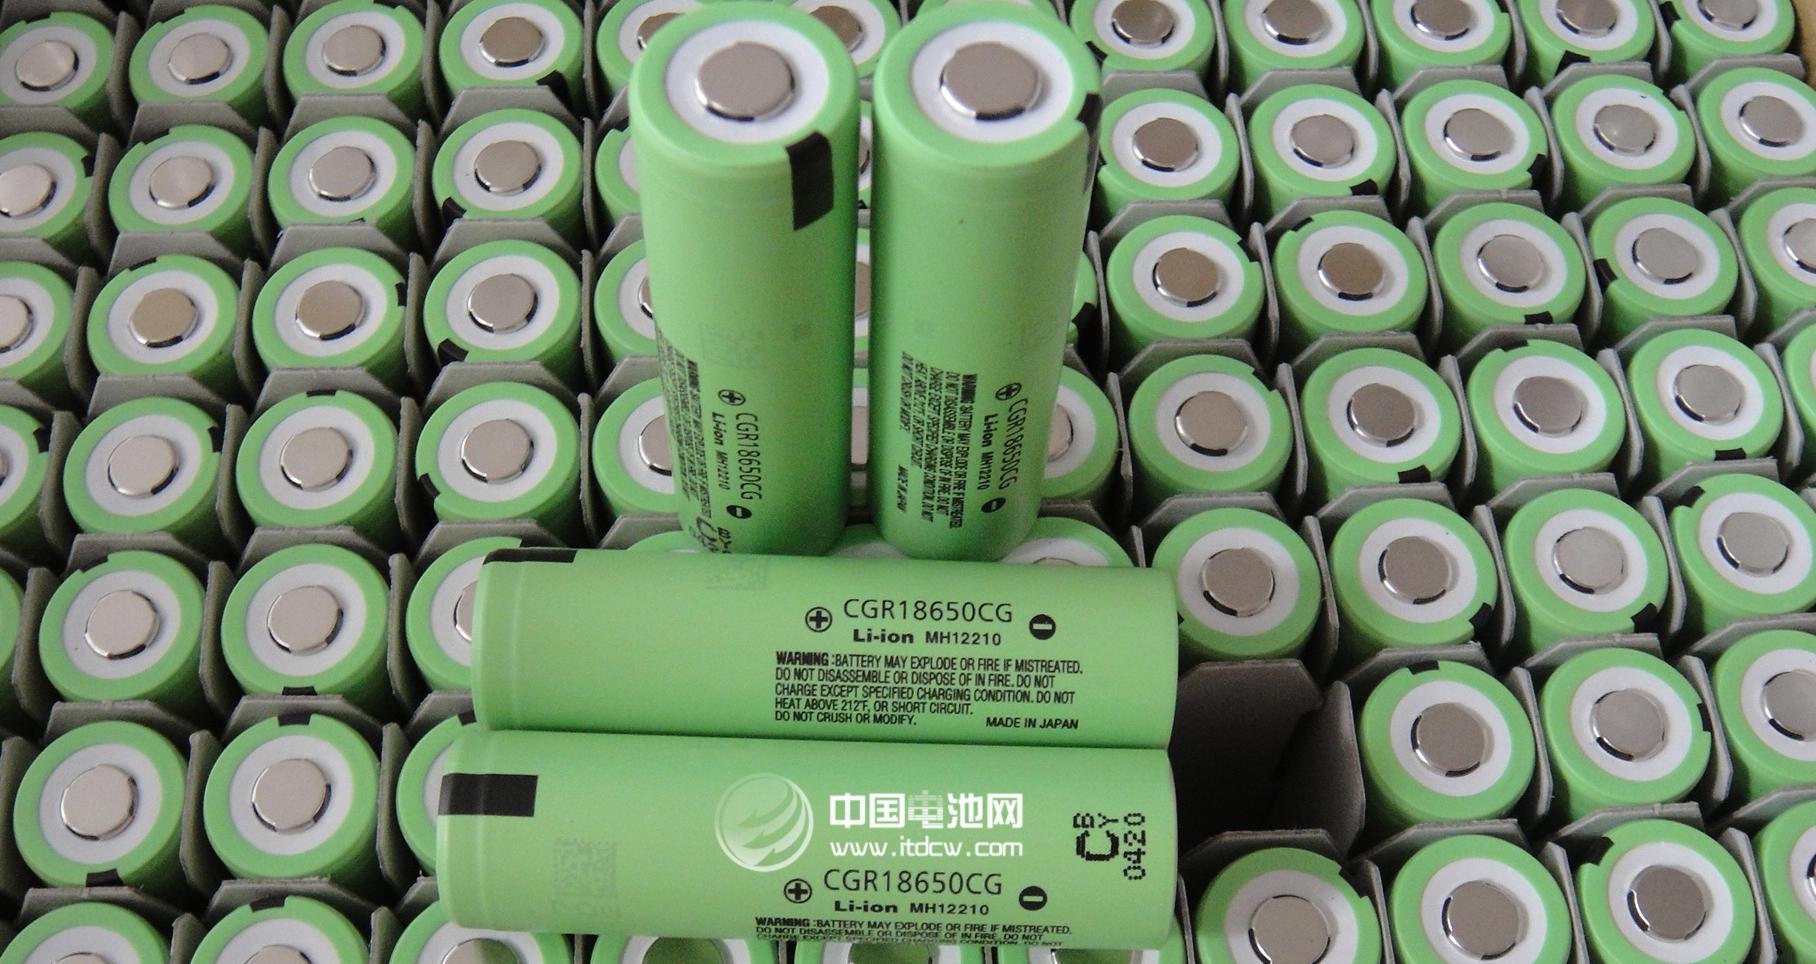 行業景氣加速提升 機構密集調研鋰電池產業鏈